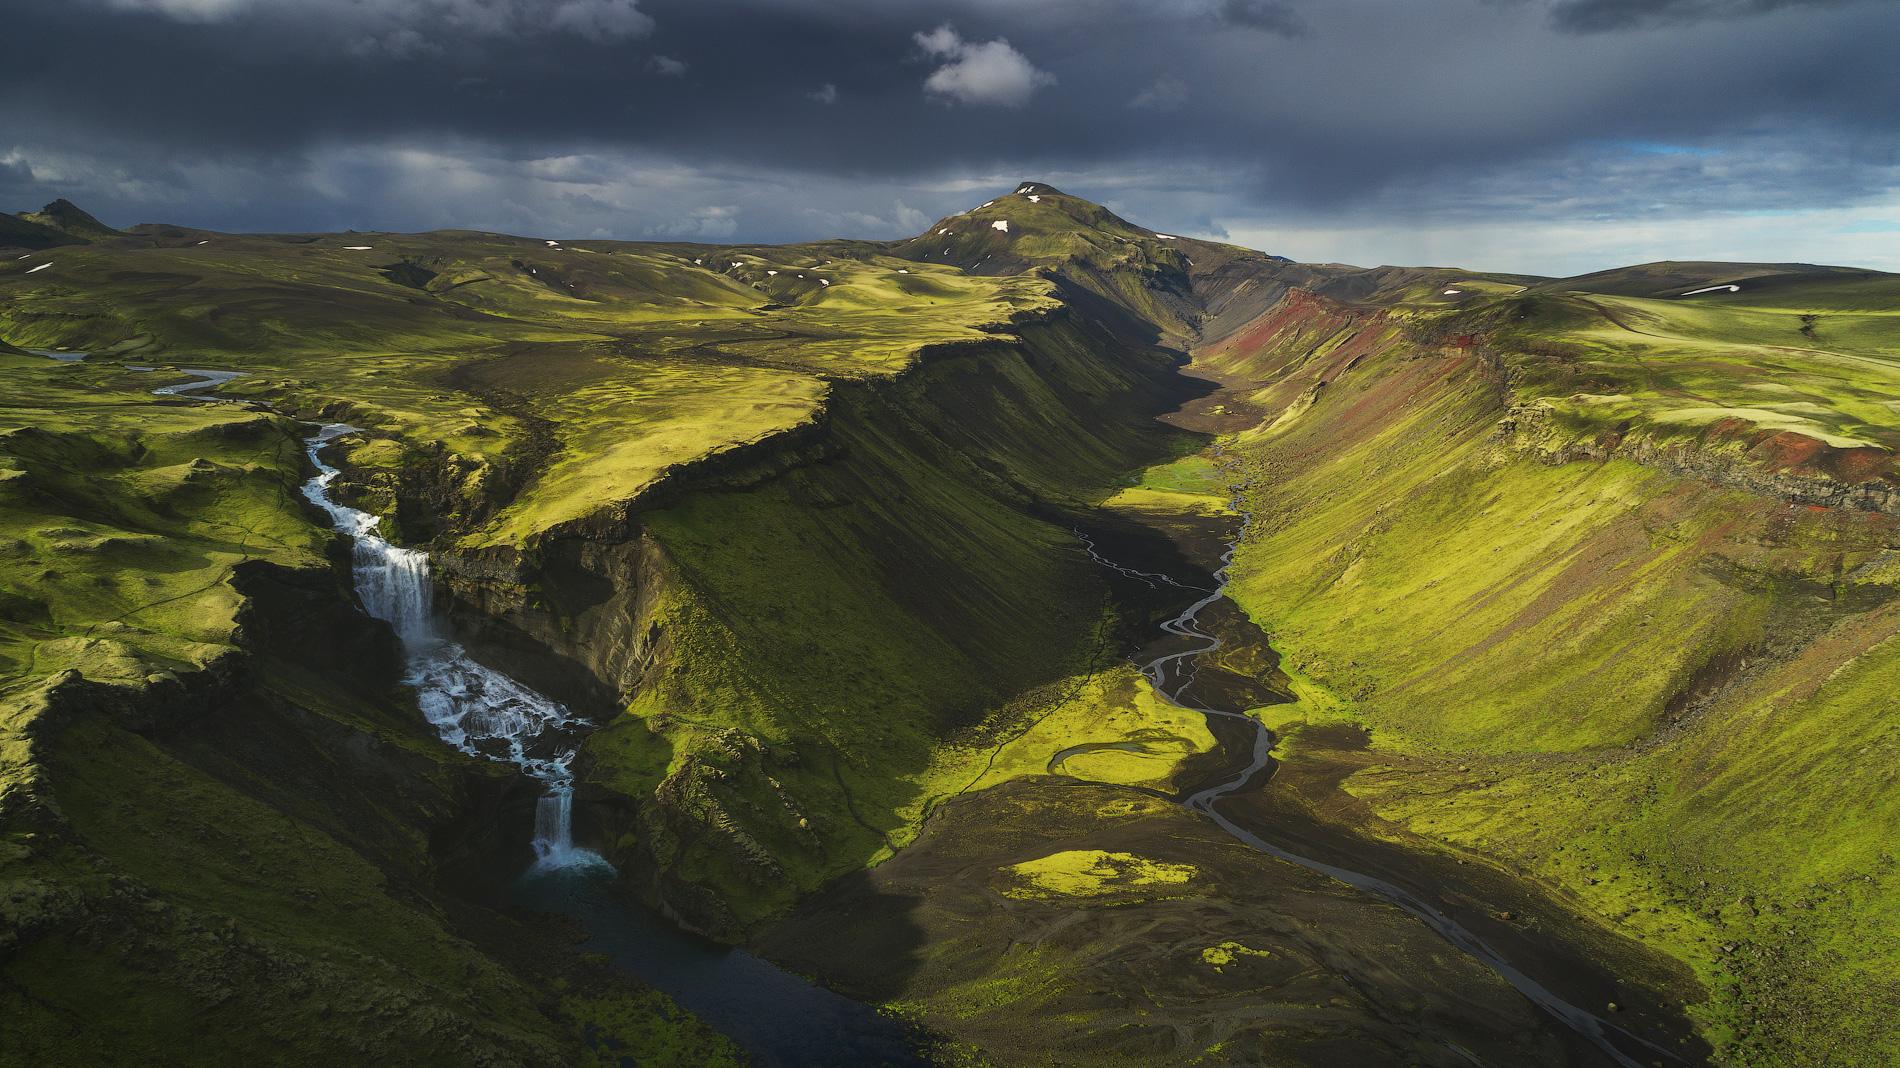 Im Winter sind die entlegenen Highlands nicht zugänglich, aber im Sommer zieht die Region viele Wanderer und Landschaftsfotografen an.